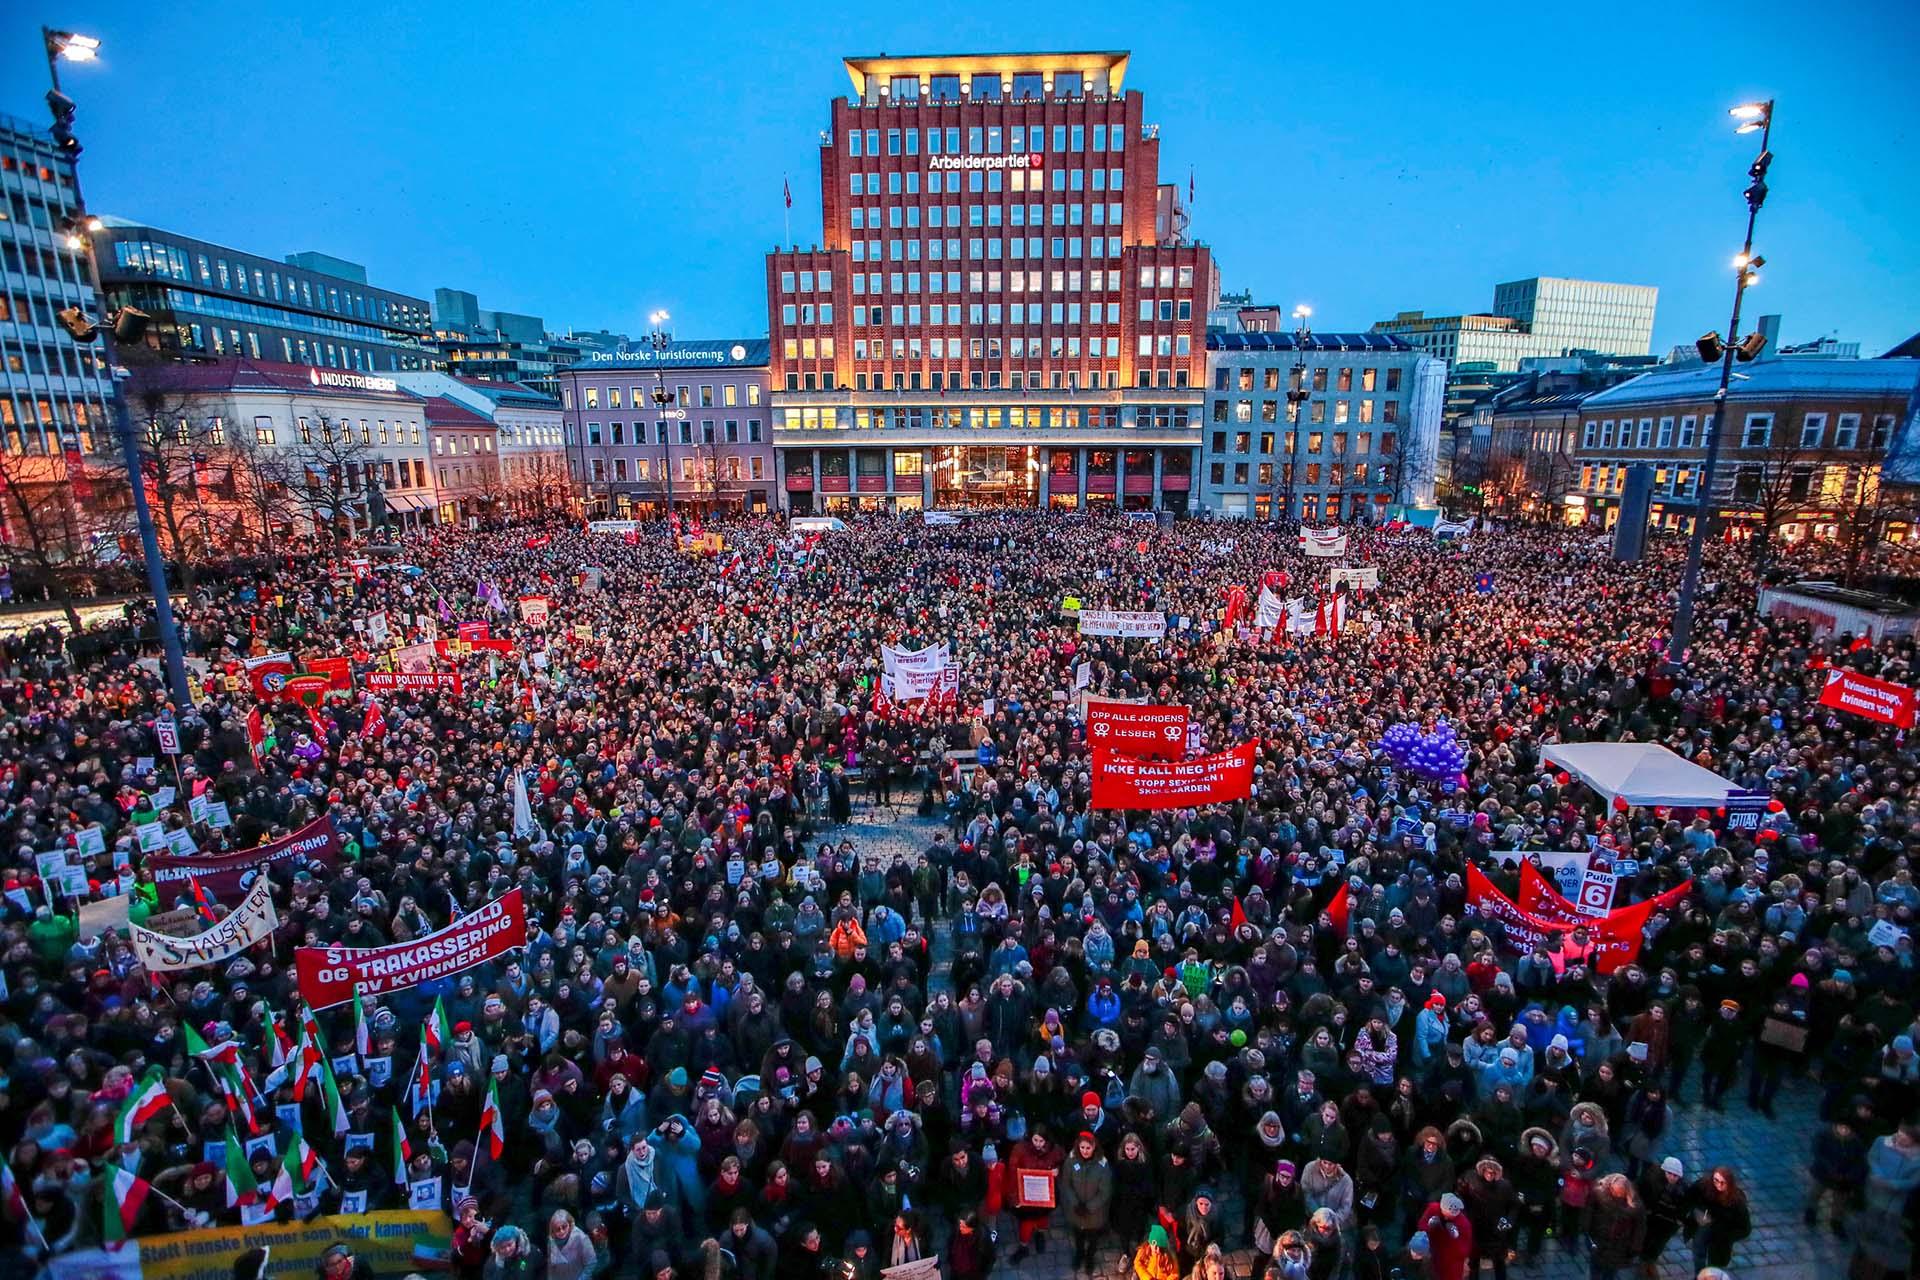 PGente reunida en Oslo, Noruega, por el Día Internacional de la Mujer (Scanpix/Hakon Mosvold Larsen via REUTERS)